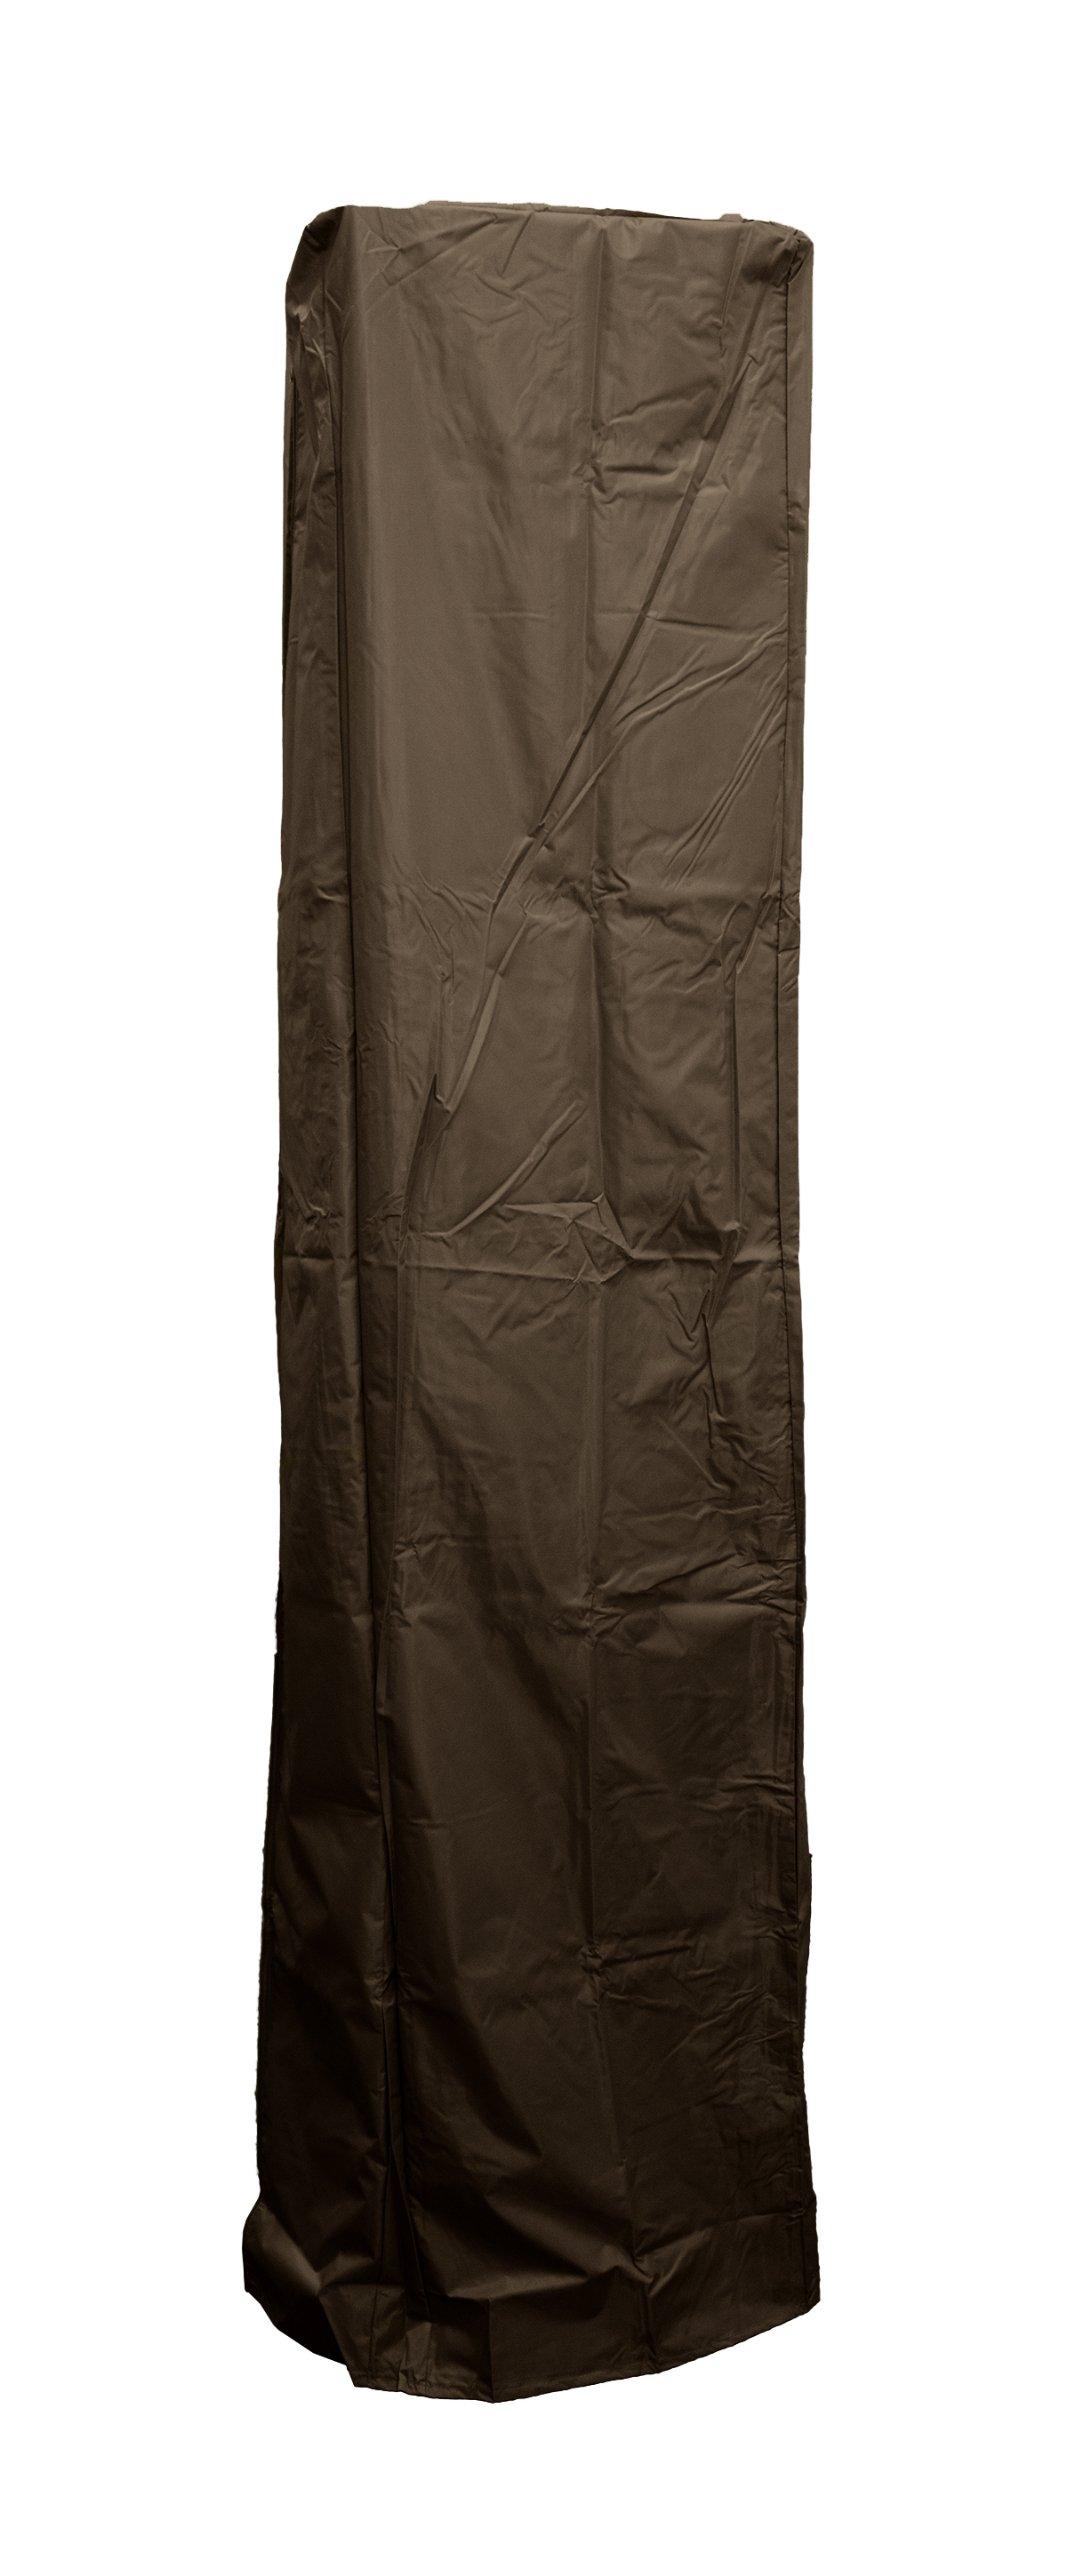 AZ Patio Heater Heavy Duty Waterproof Square Glass Tube Heater Cover - 92'' - Mocha